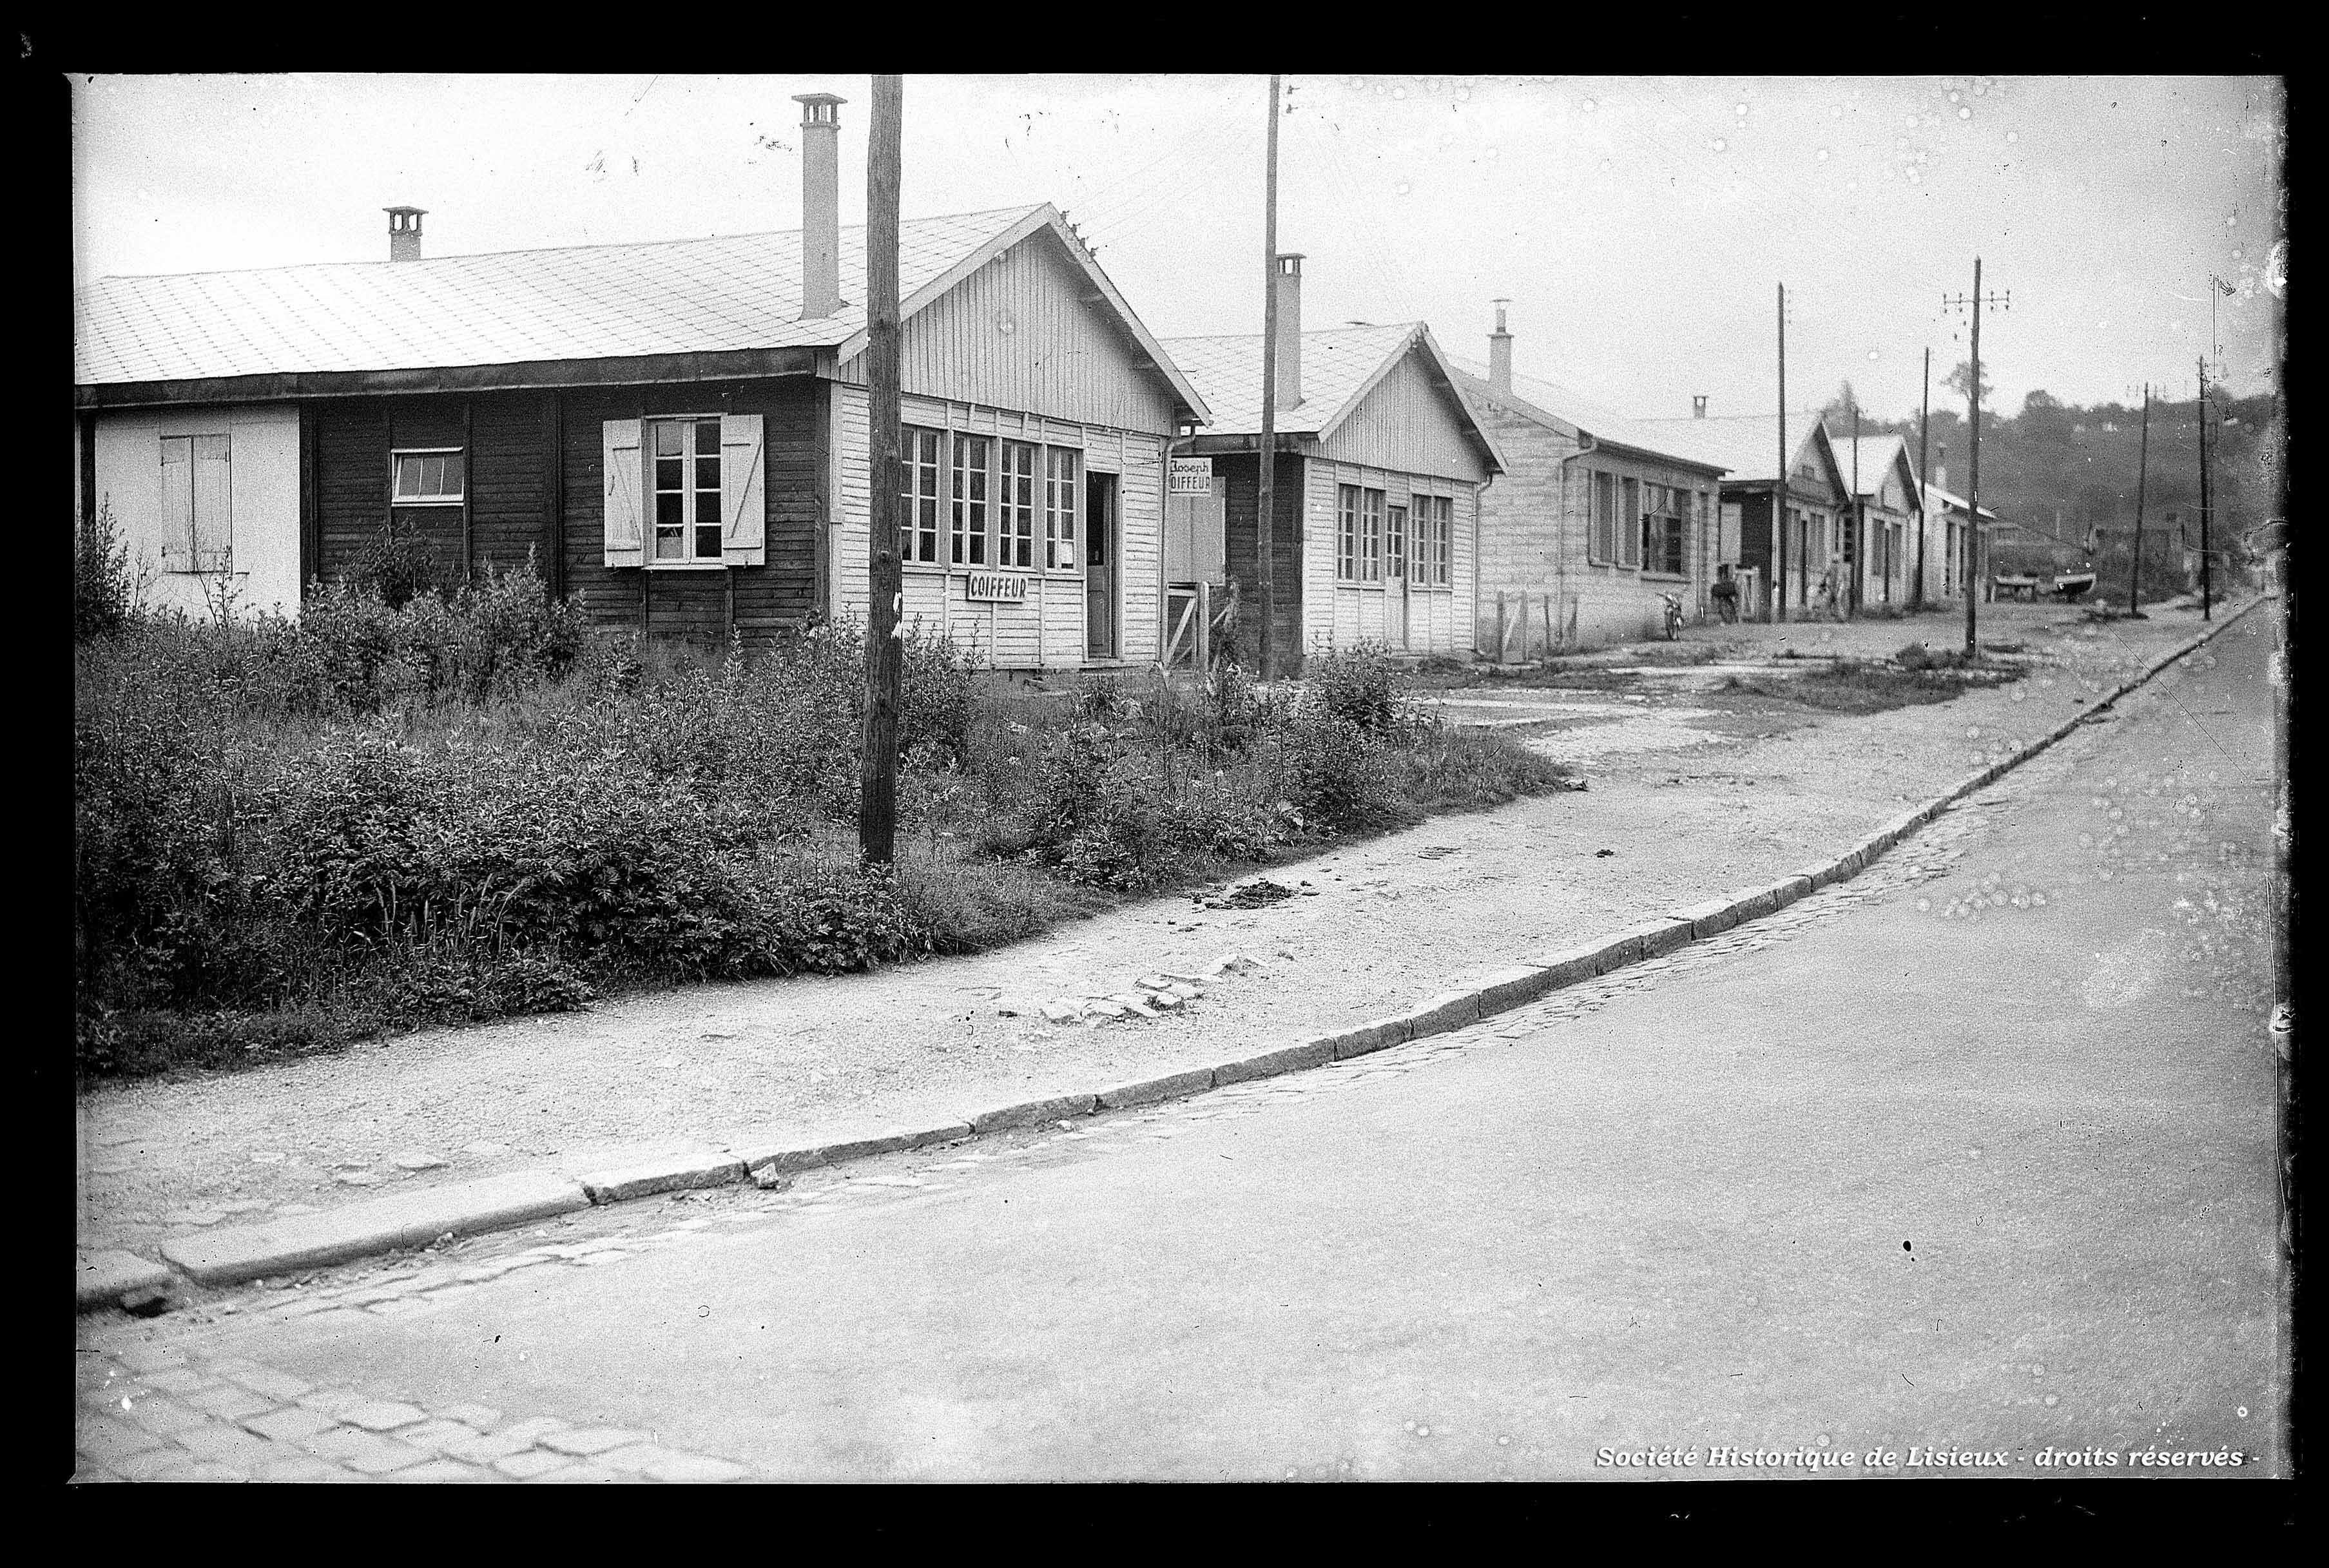 Baraquements commerciaux de la rue de Caen